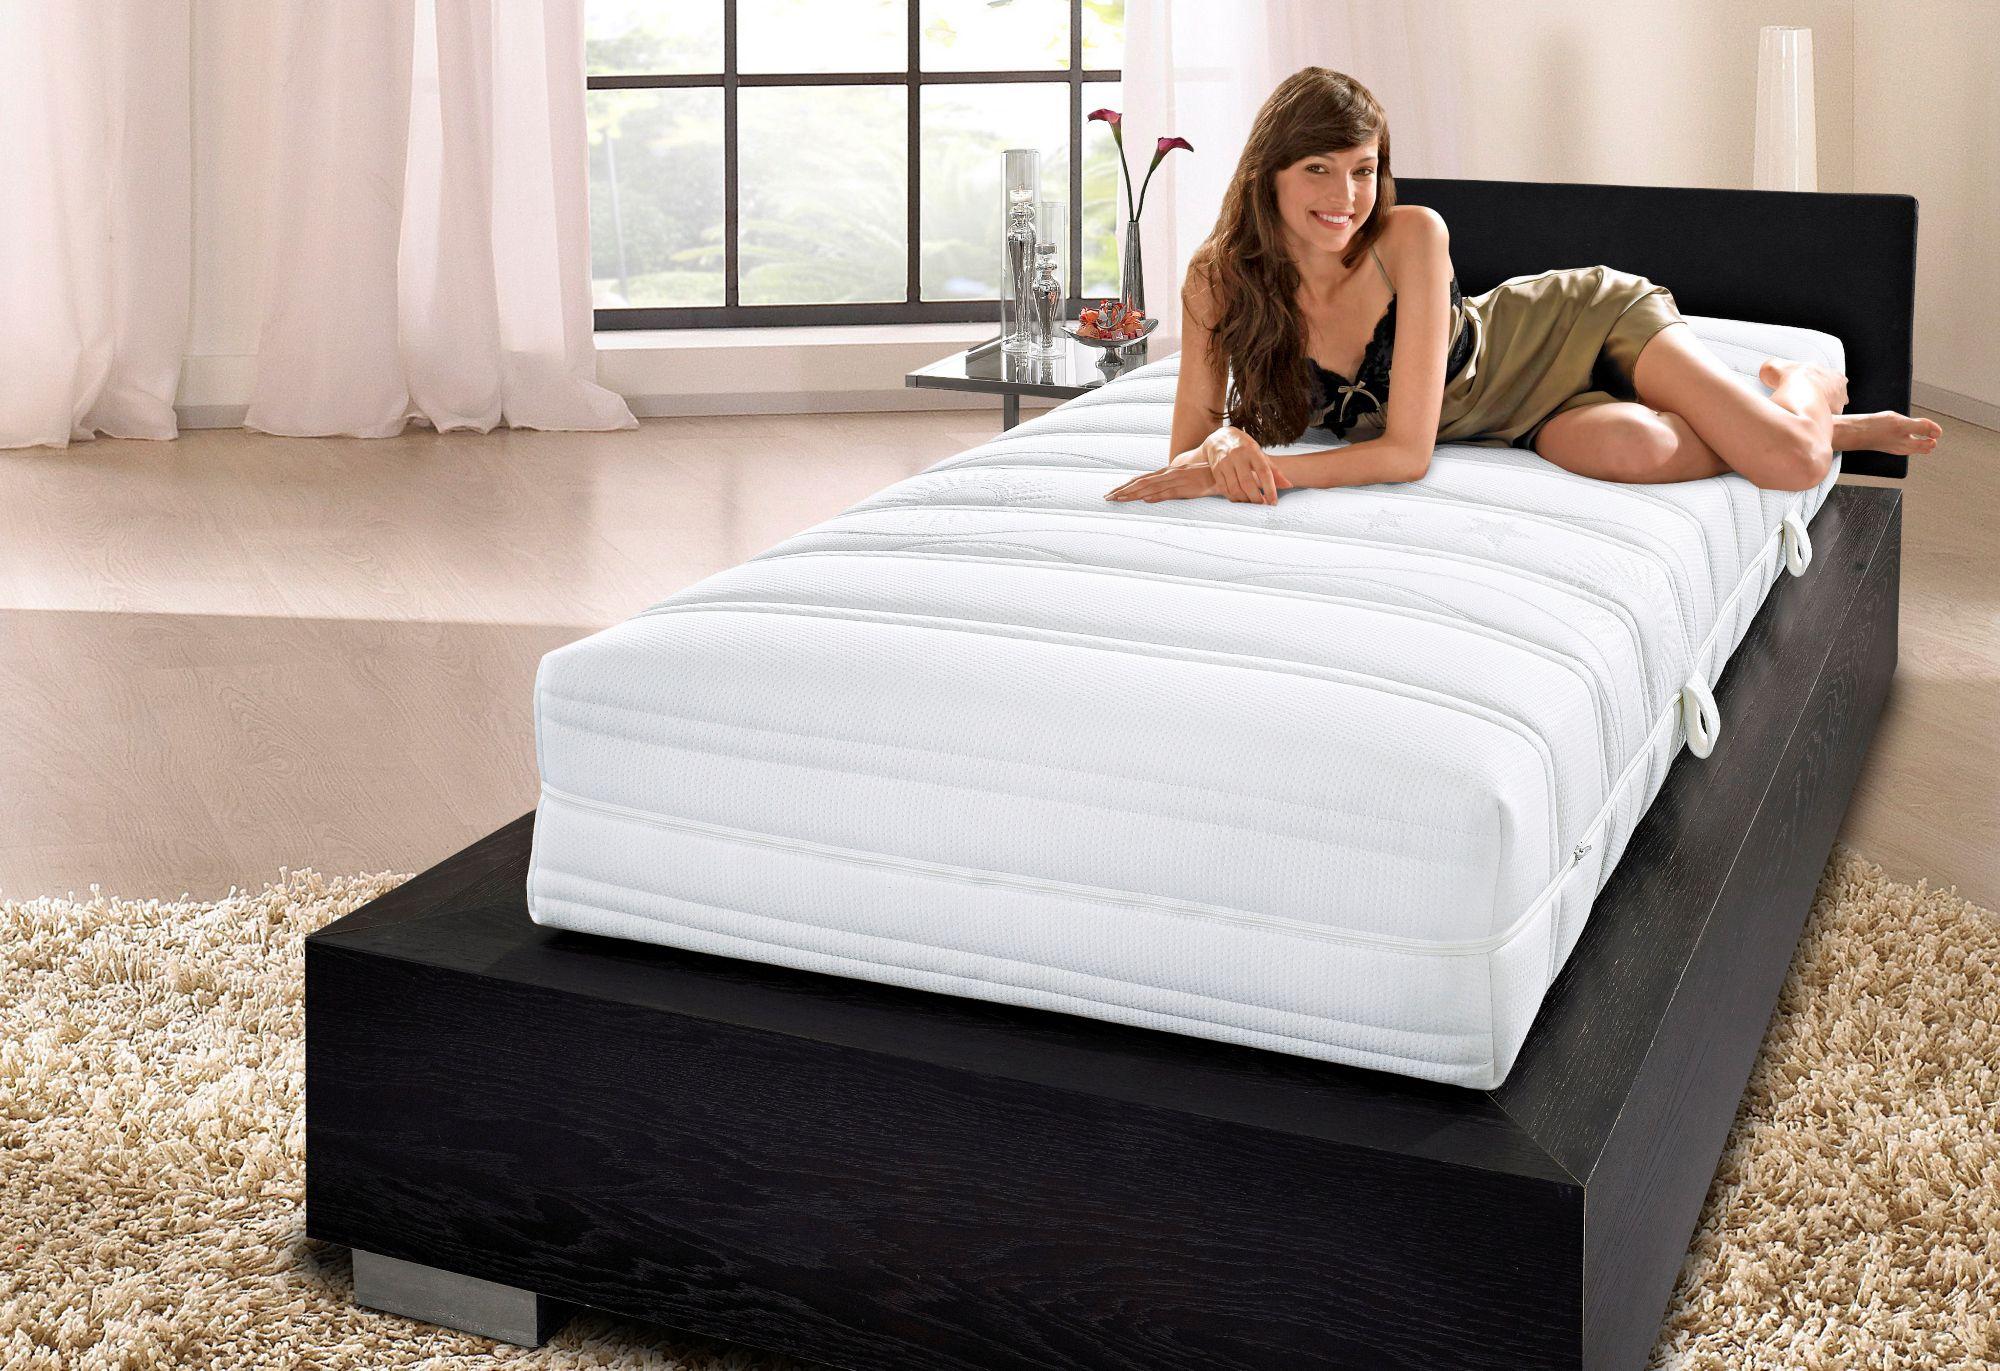 HN8 SCHLAFSYSTEME Doppel-Taschenfederkernmatratze, »Lux«, HN8 Schlafsysteme, 27 cm hoch, 2x435 Federn